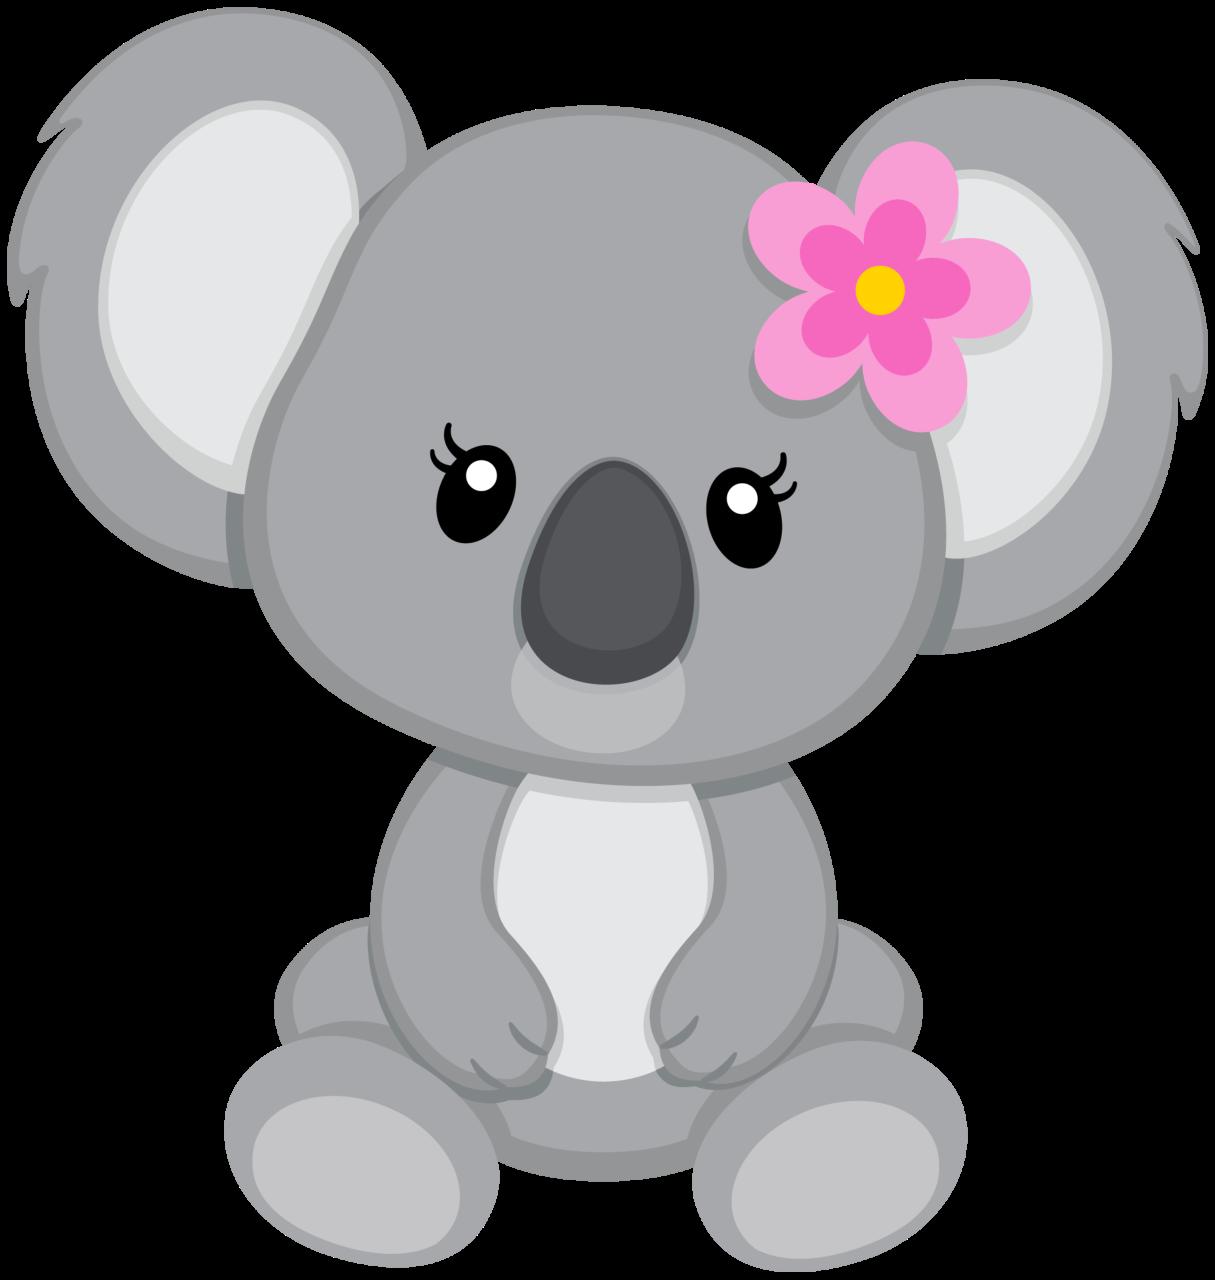 banner Png pinterest clip art. Clipart koala